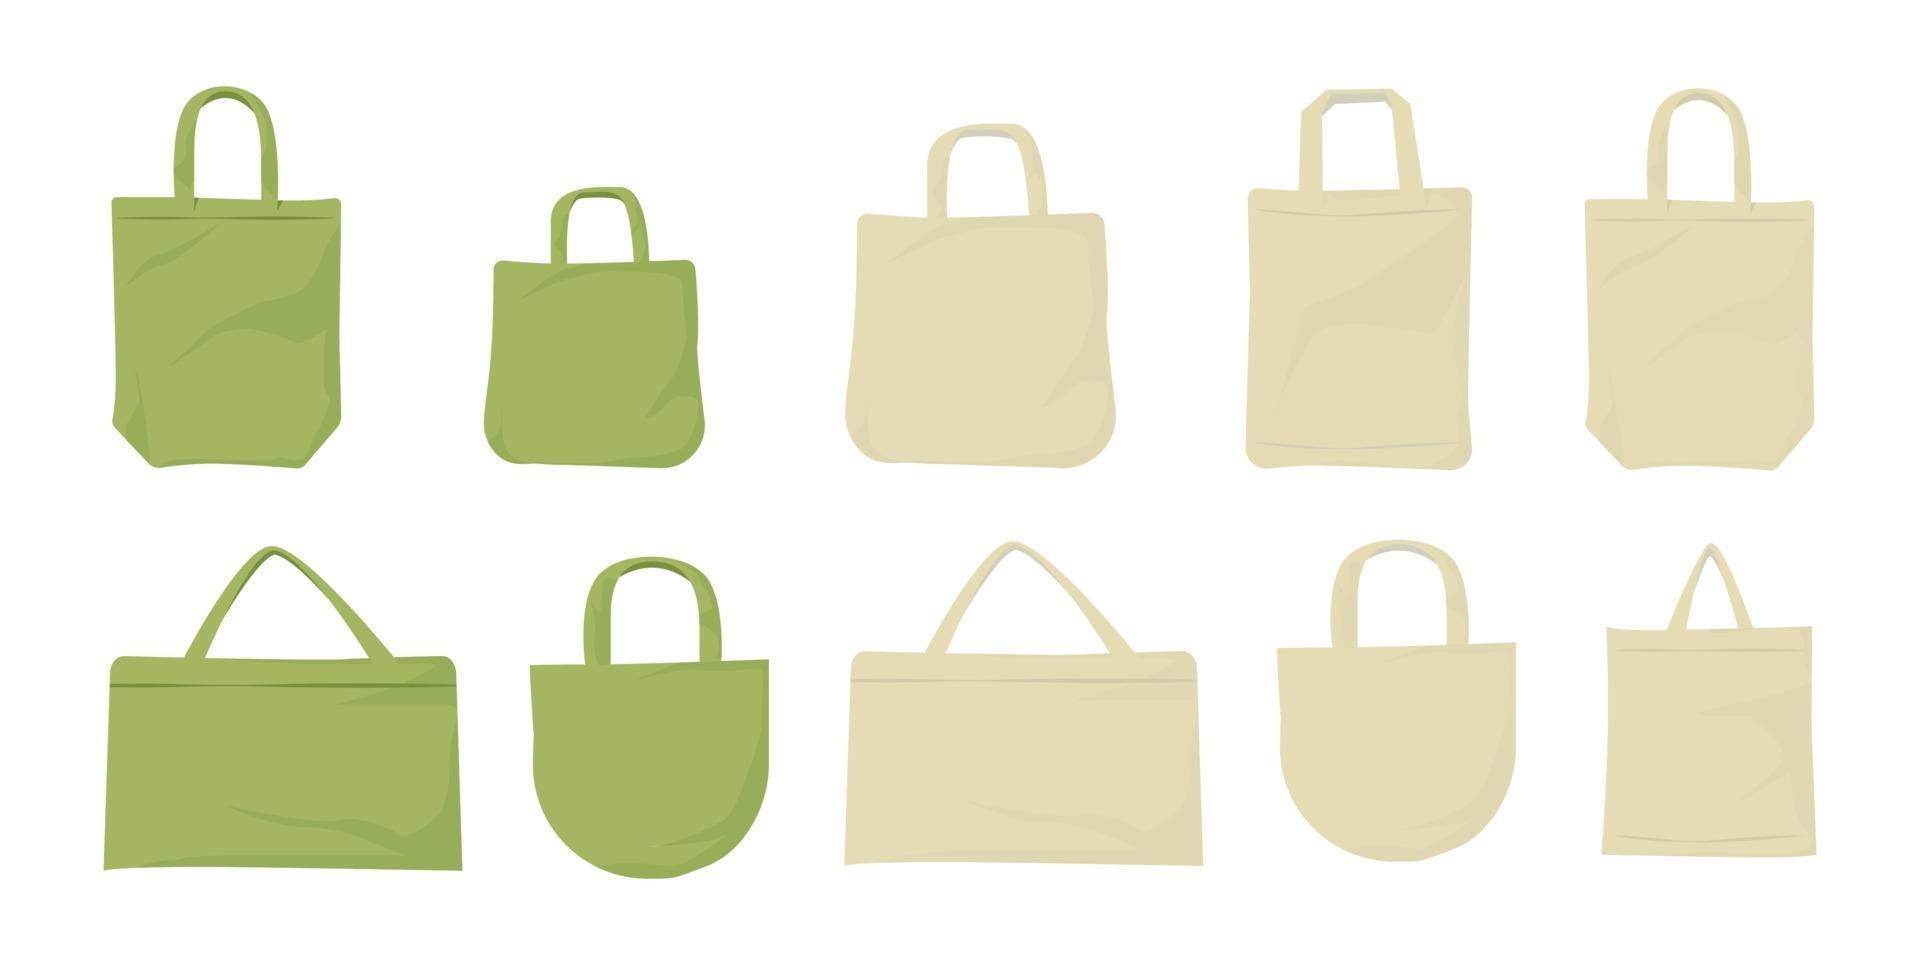 sac en tissu écologique. sac grand ensemble. vecteur